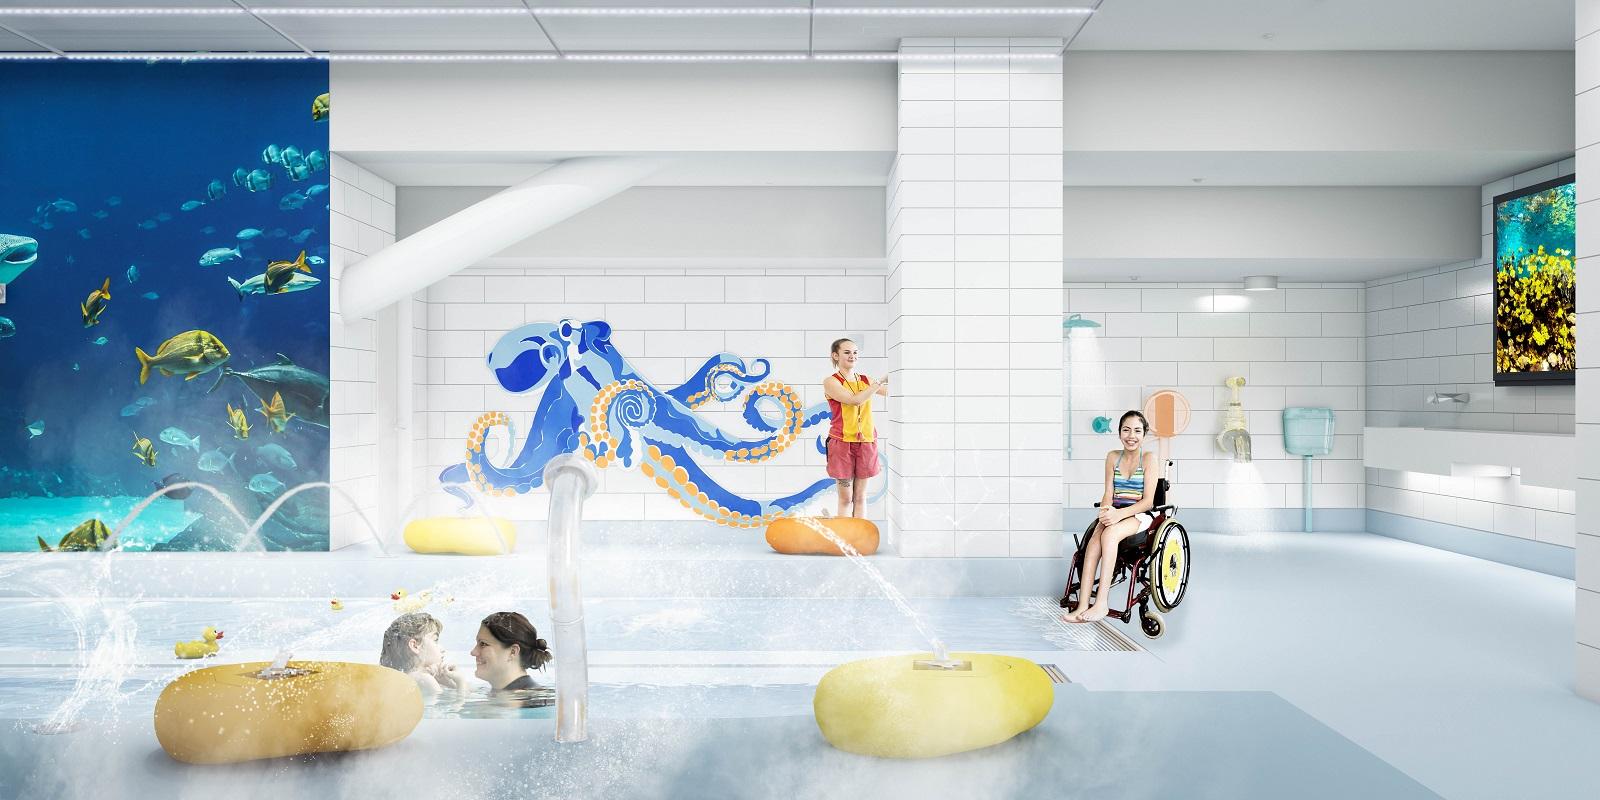 Metro Sports Facility Aquatic Sensory Experience